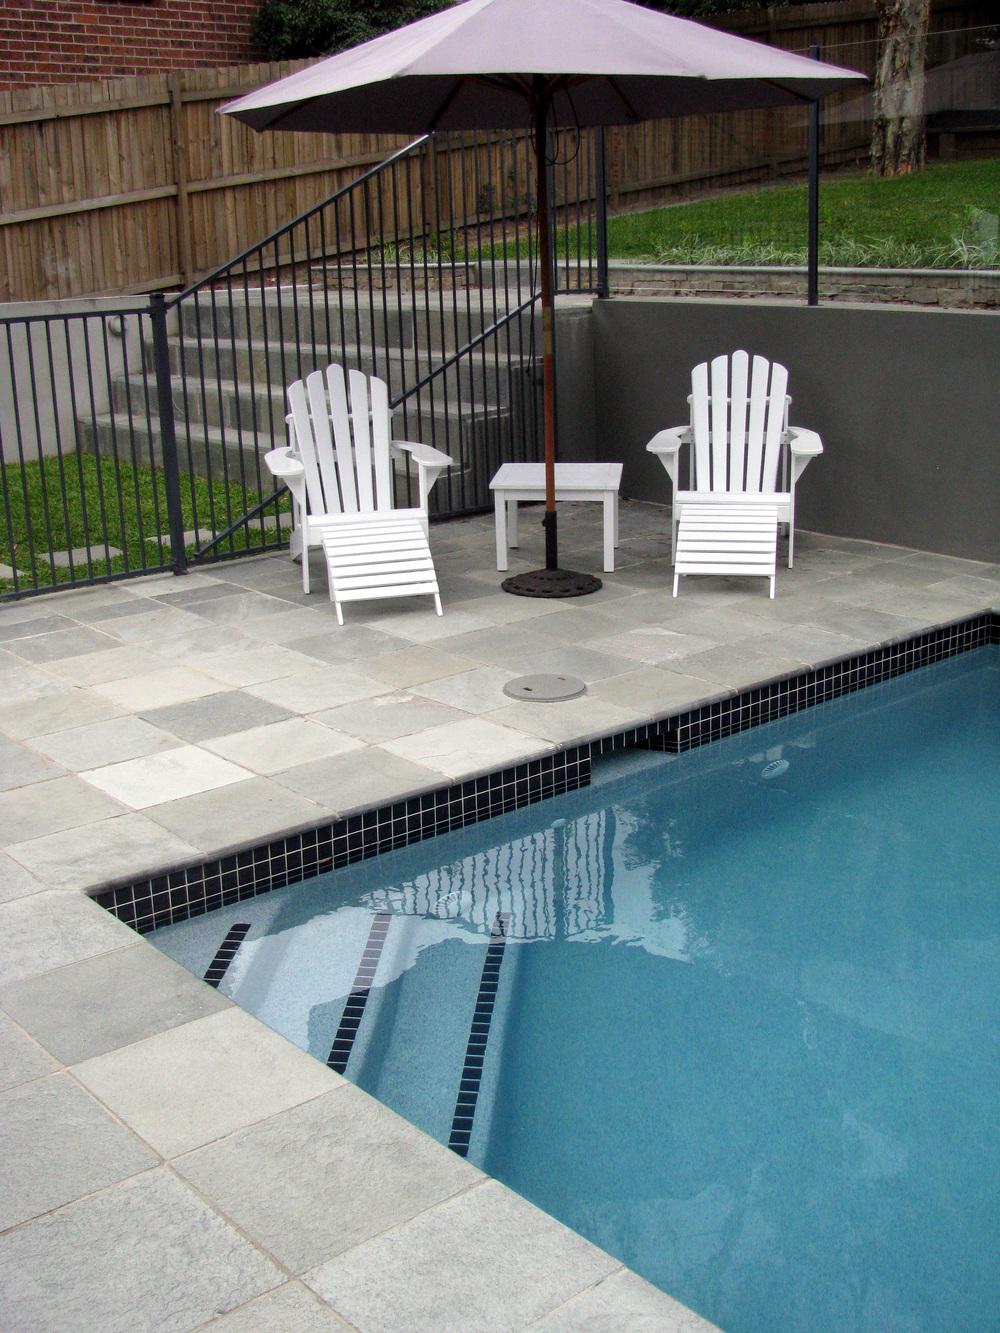 Greygum pool nhurst2.jpg